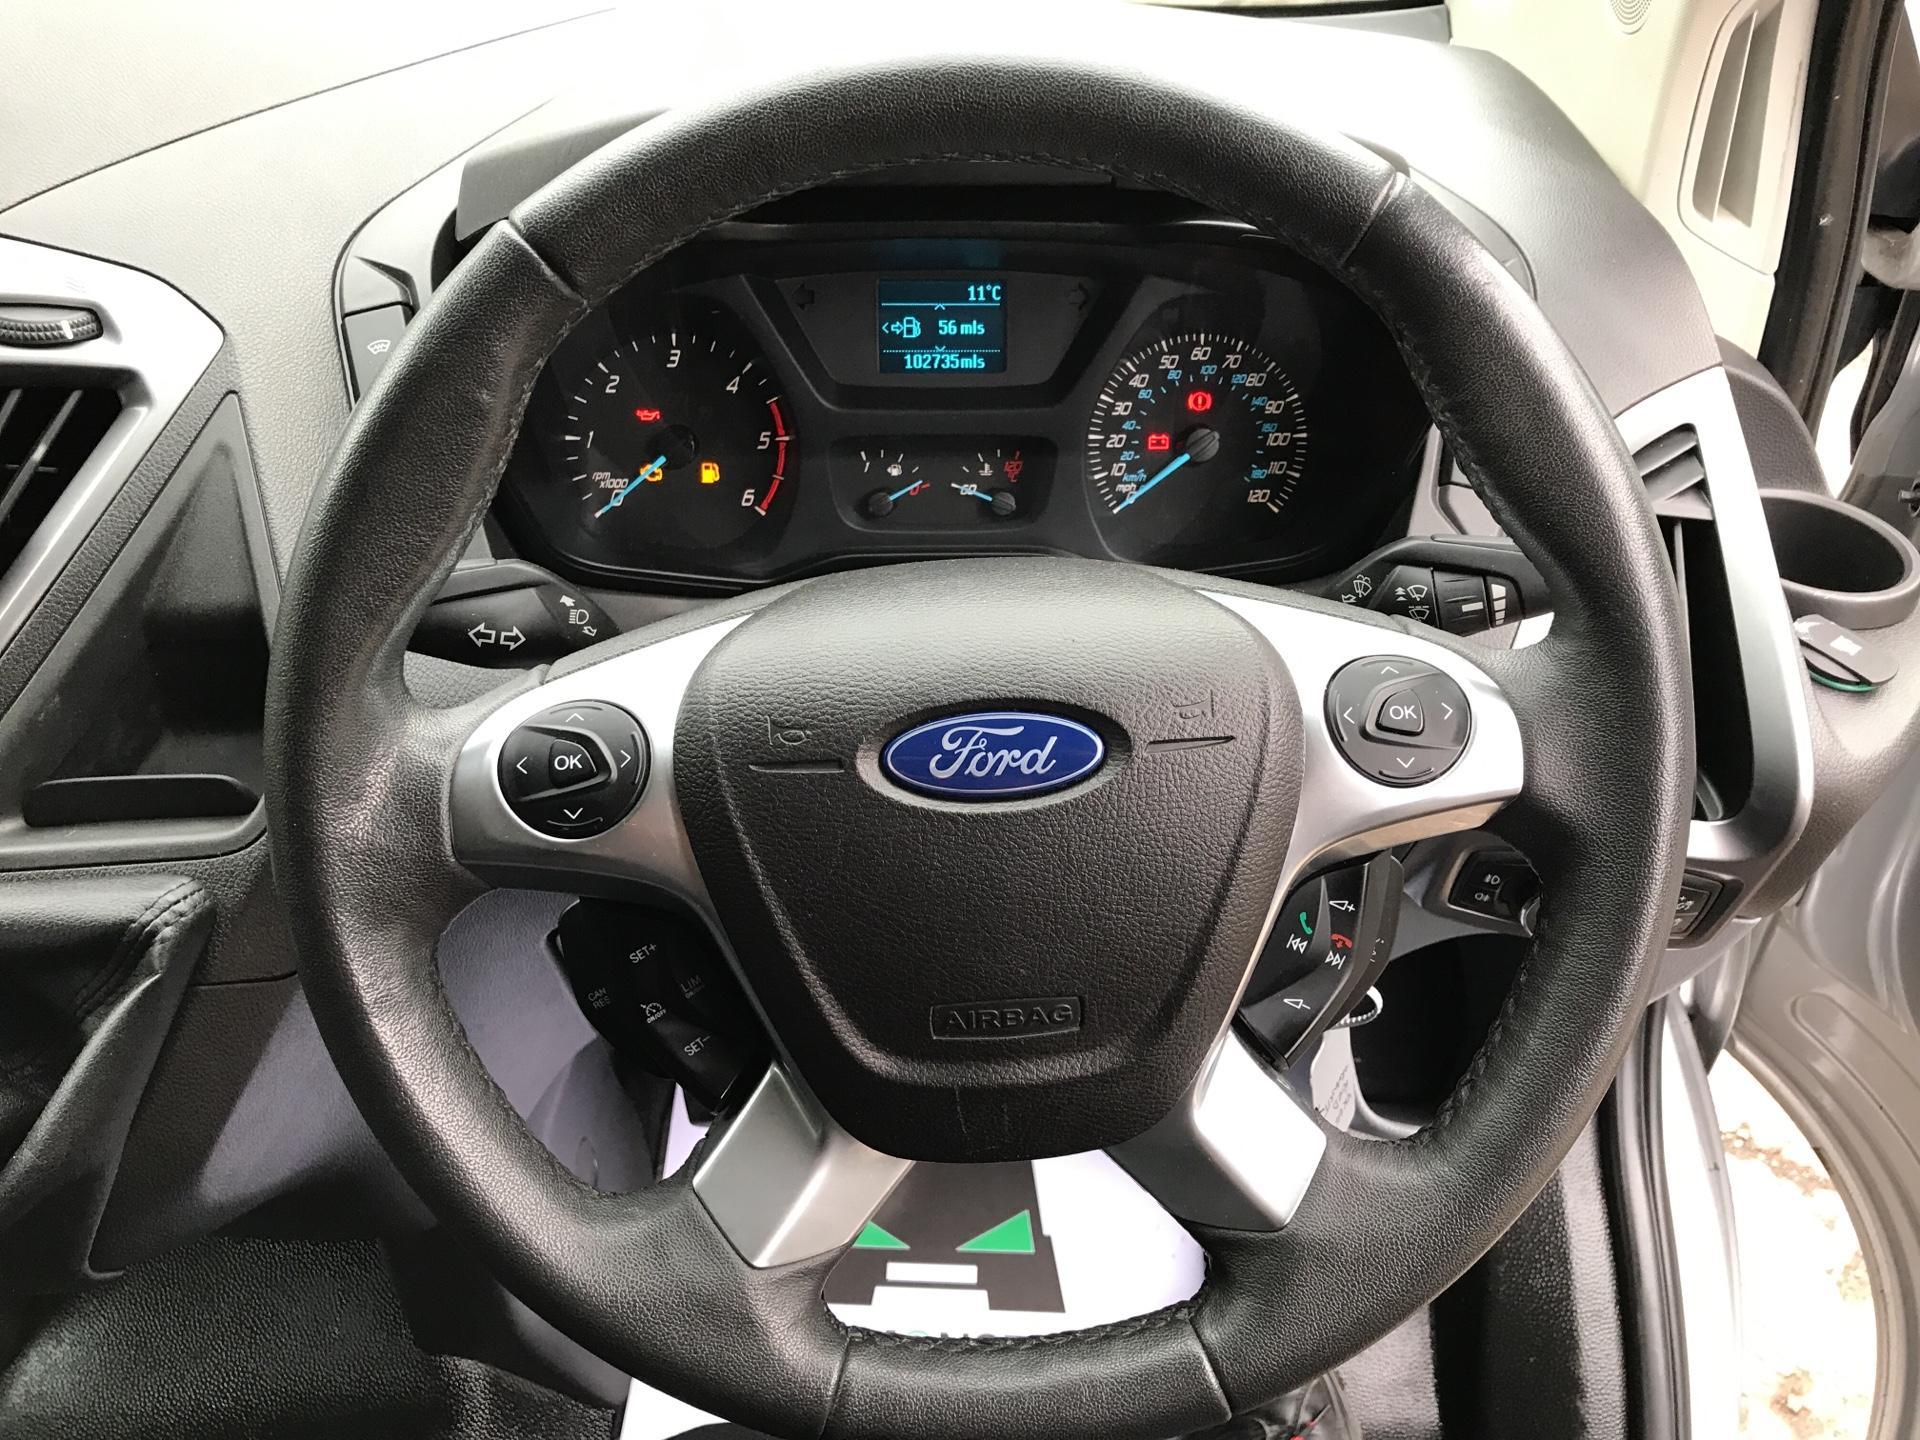 2014 Ford Transit Custom 330 L2 DIESEL FWD 2.2 TDCI 125PS LOW ROOF TREND VAN EURO 5 (YK64GDE) Image 12